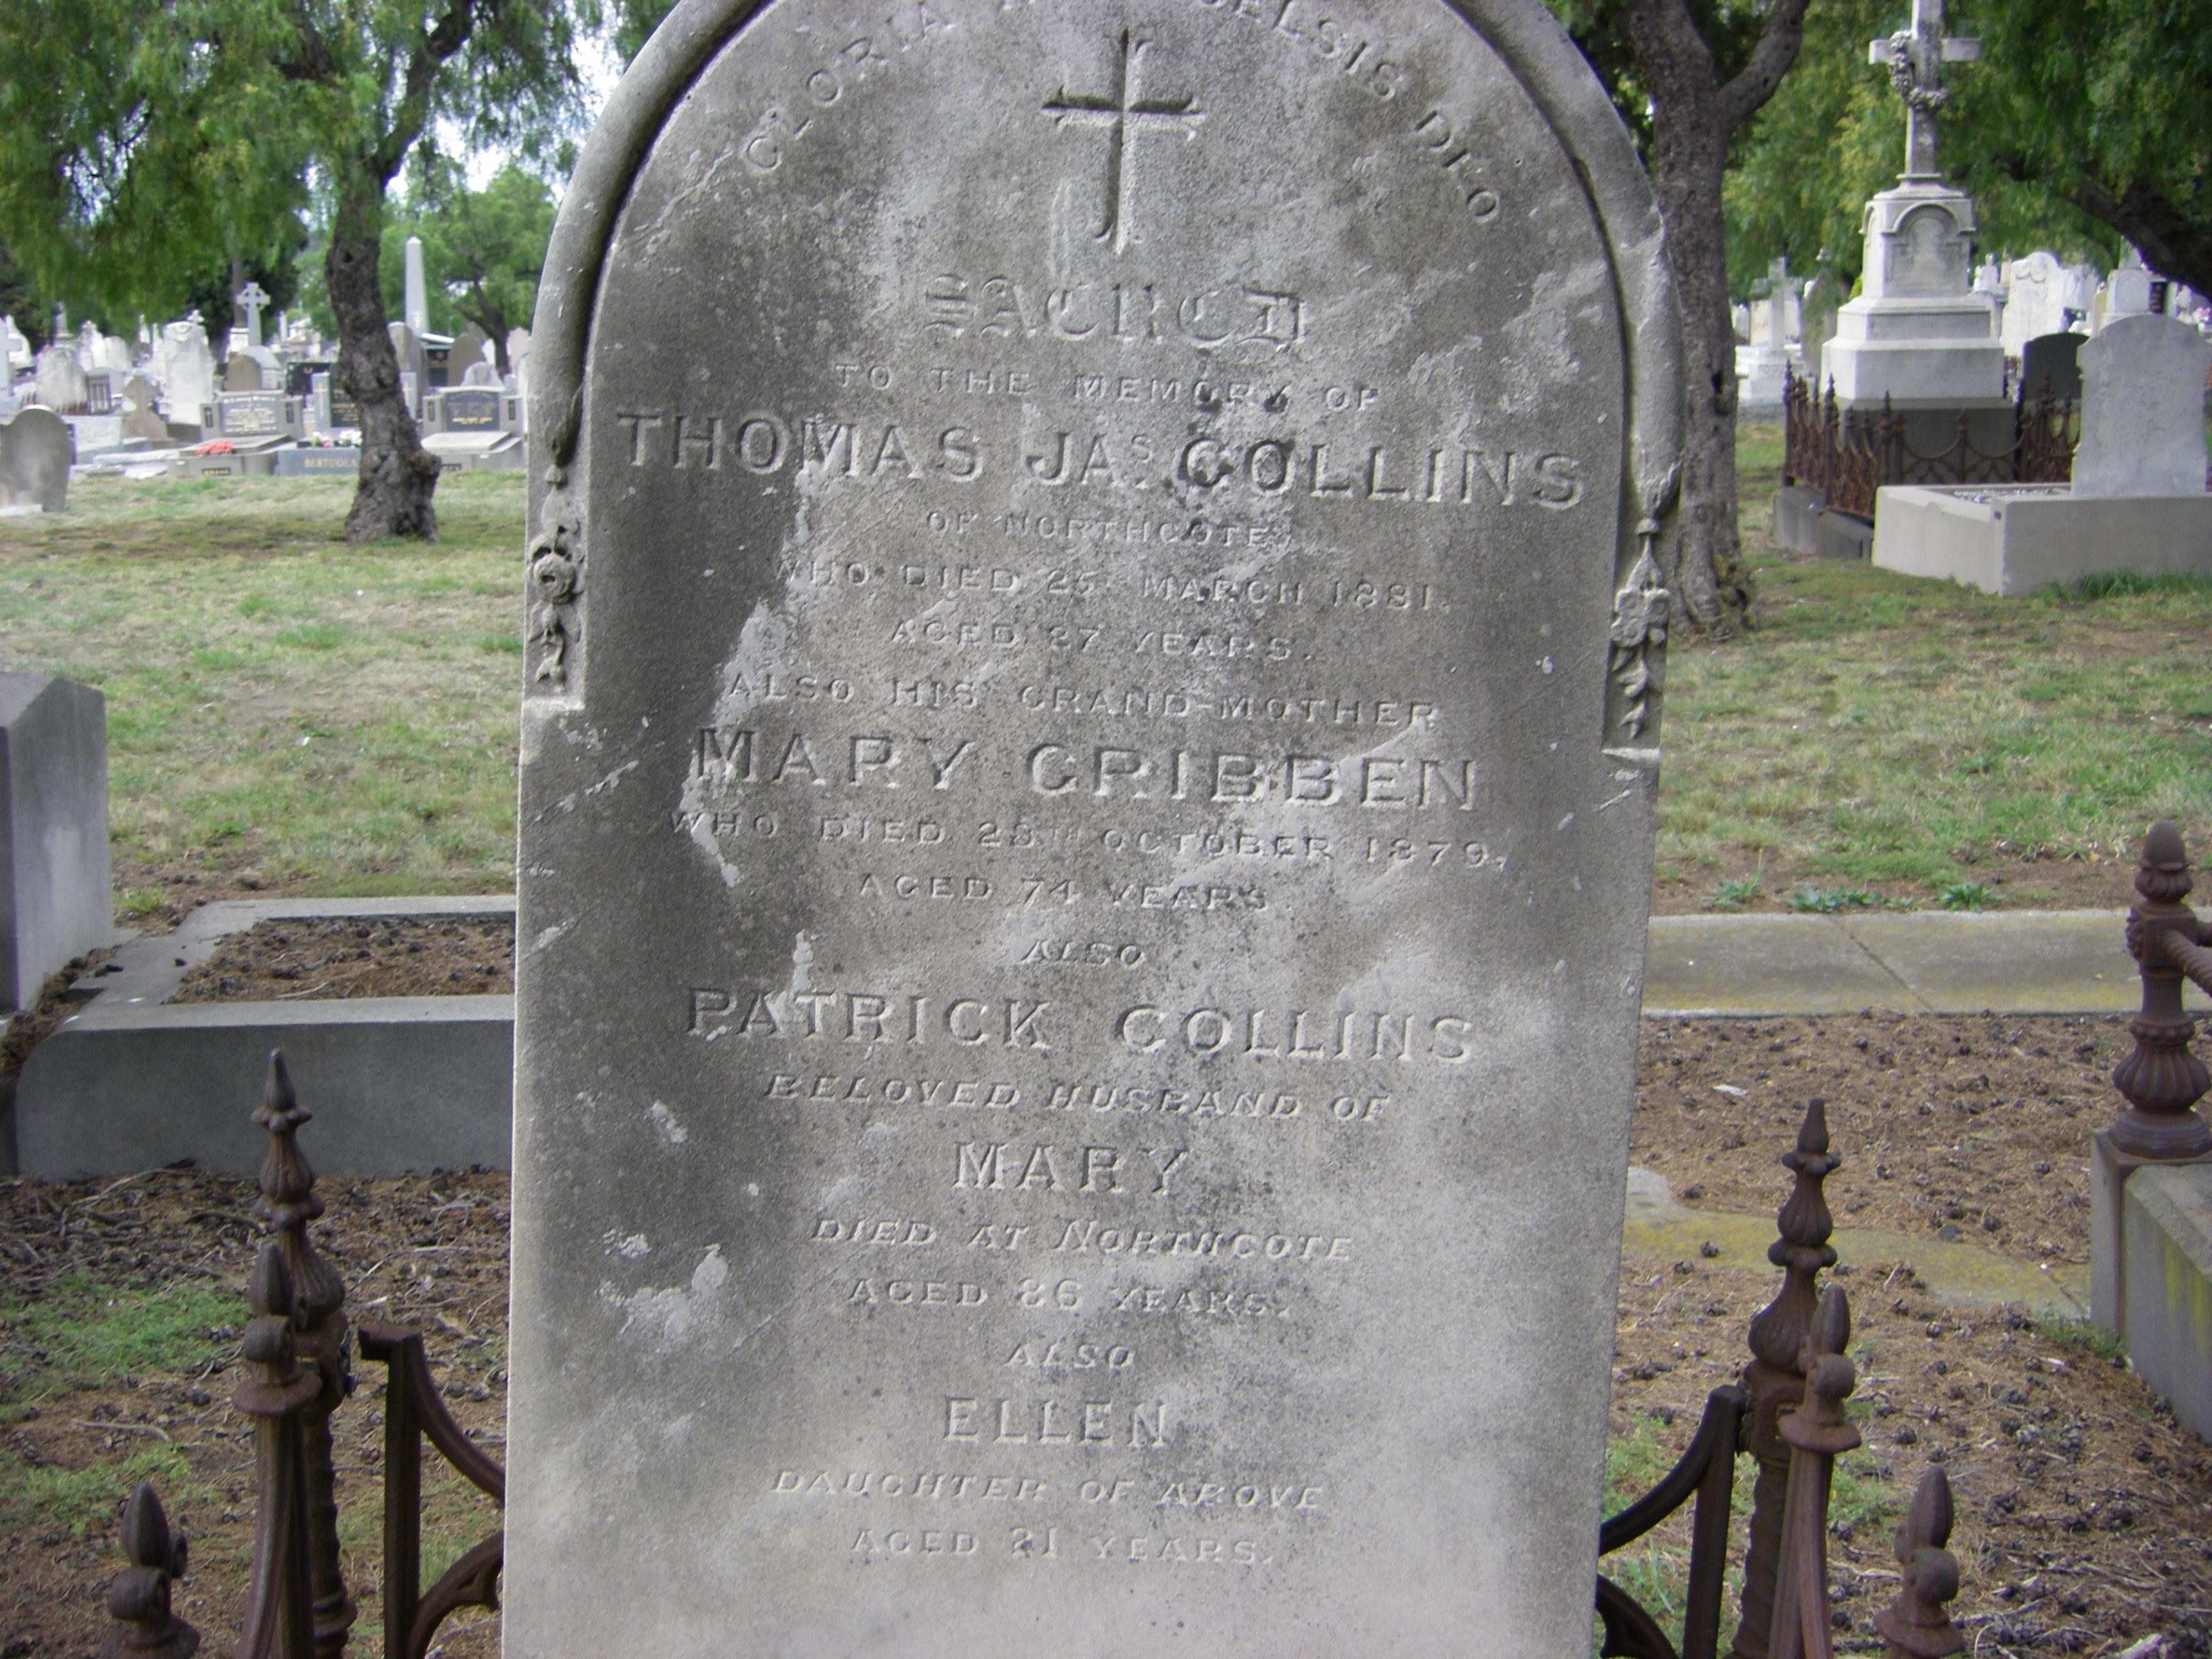 Collins Melb Gen Cemetery